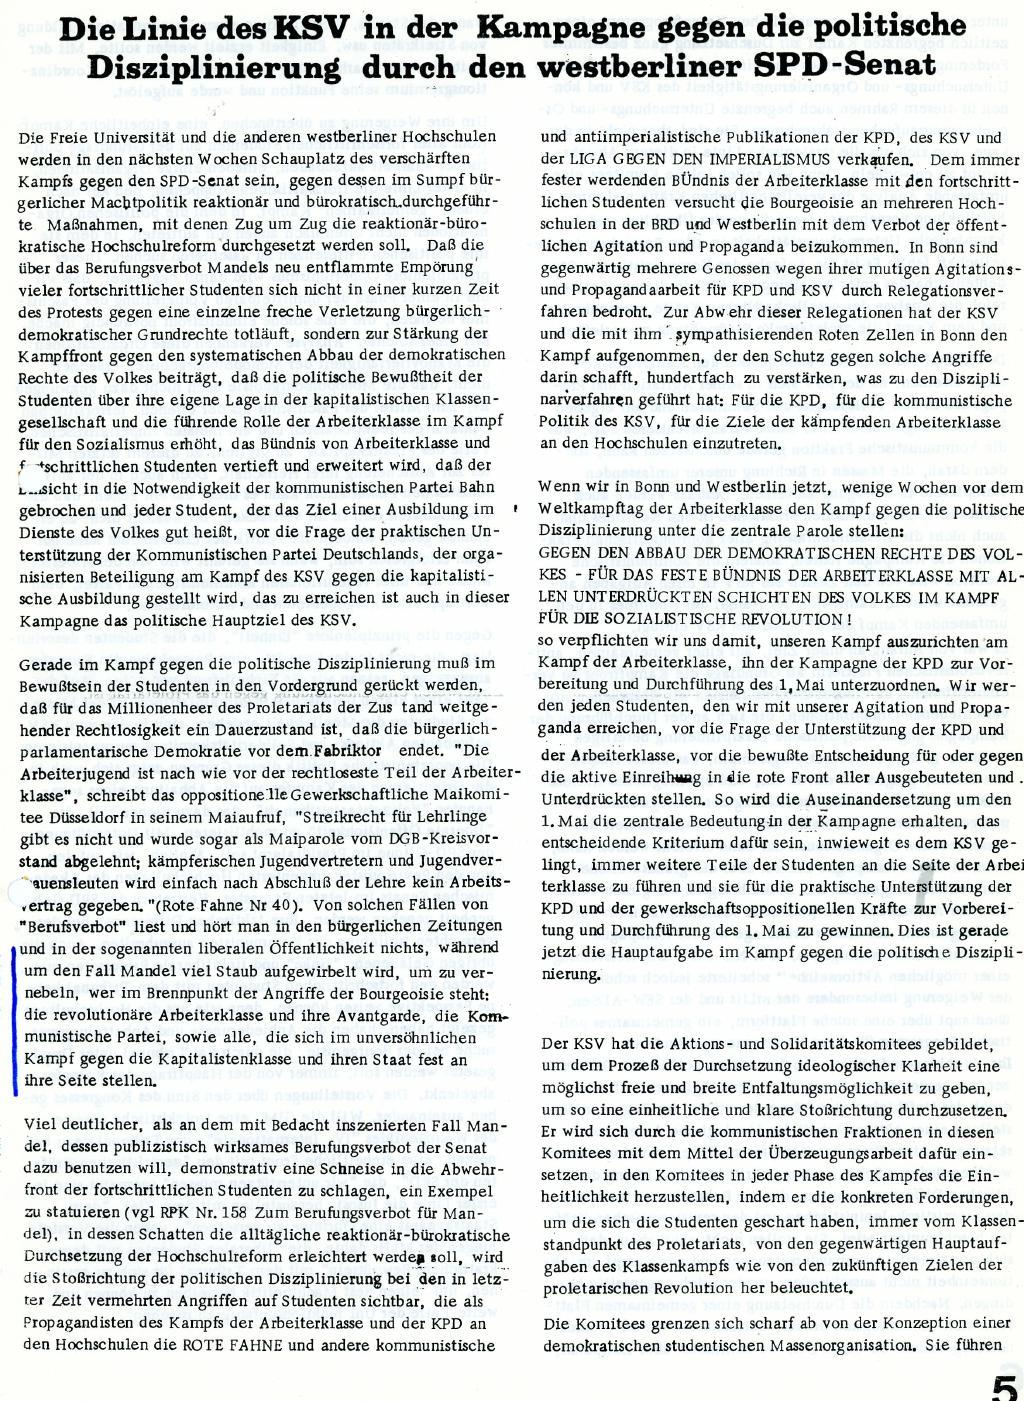 RPK_1972_163_05